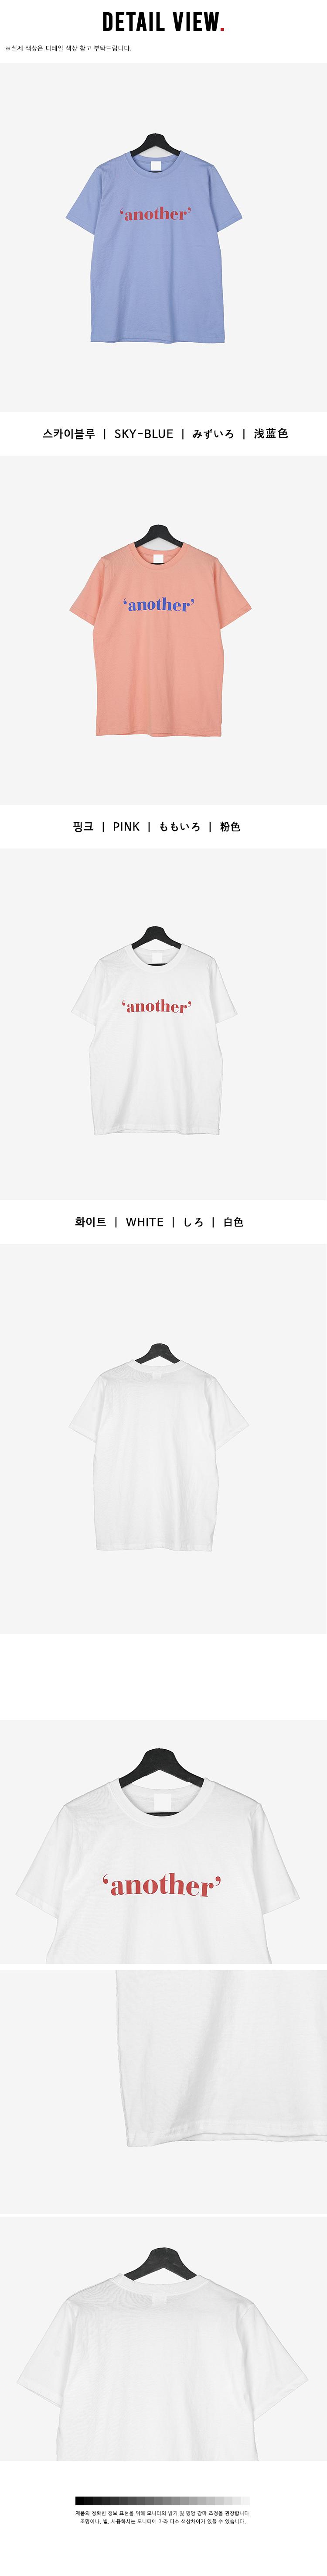 Anadie printed short-sleeved T-shirt